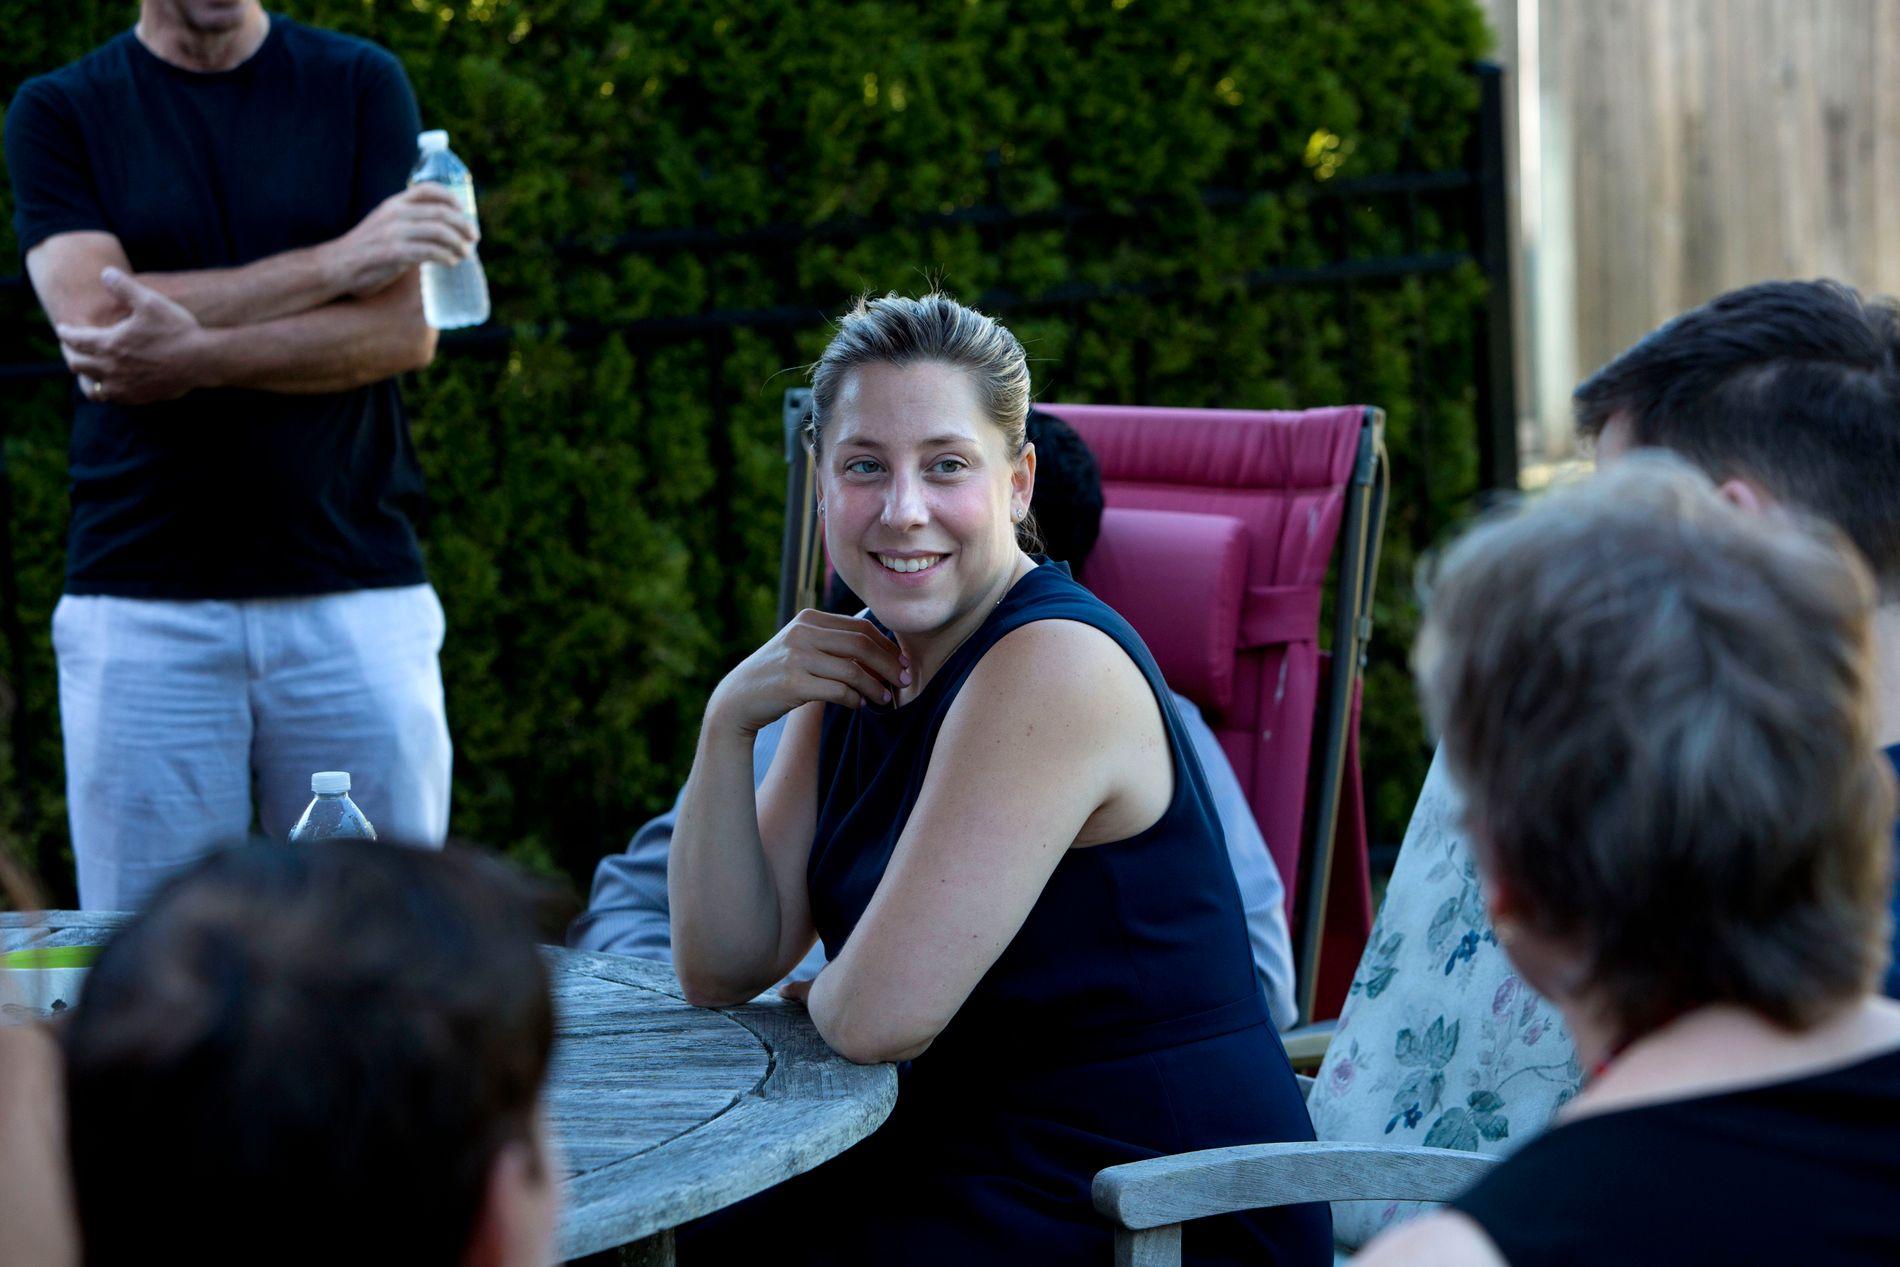 KANDIDAT: Liuba Grechen Shirley møtte torsdag velgere på Long Island. Gjennomgangsmelodien blant dem som møtte opp var at de var glade for å se et nytt ansikt i politikken.